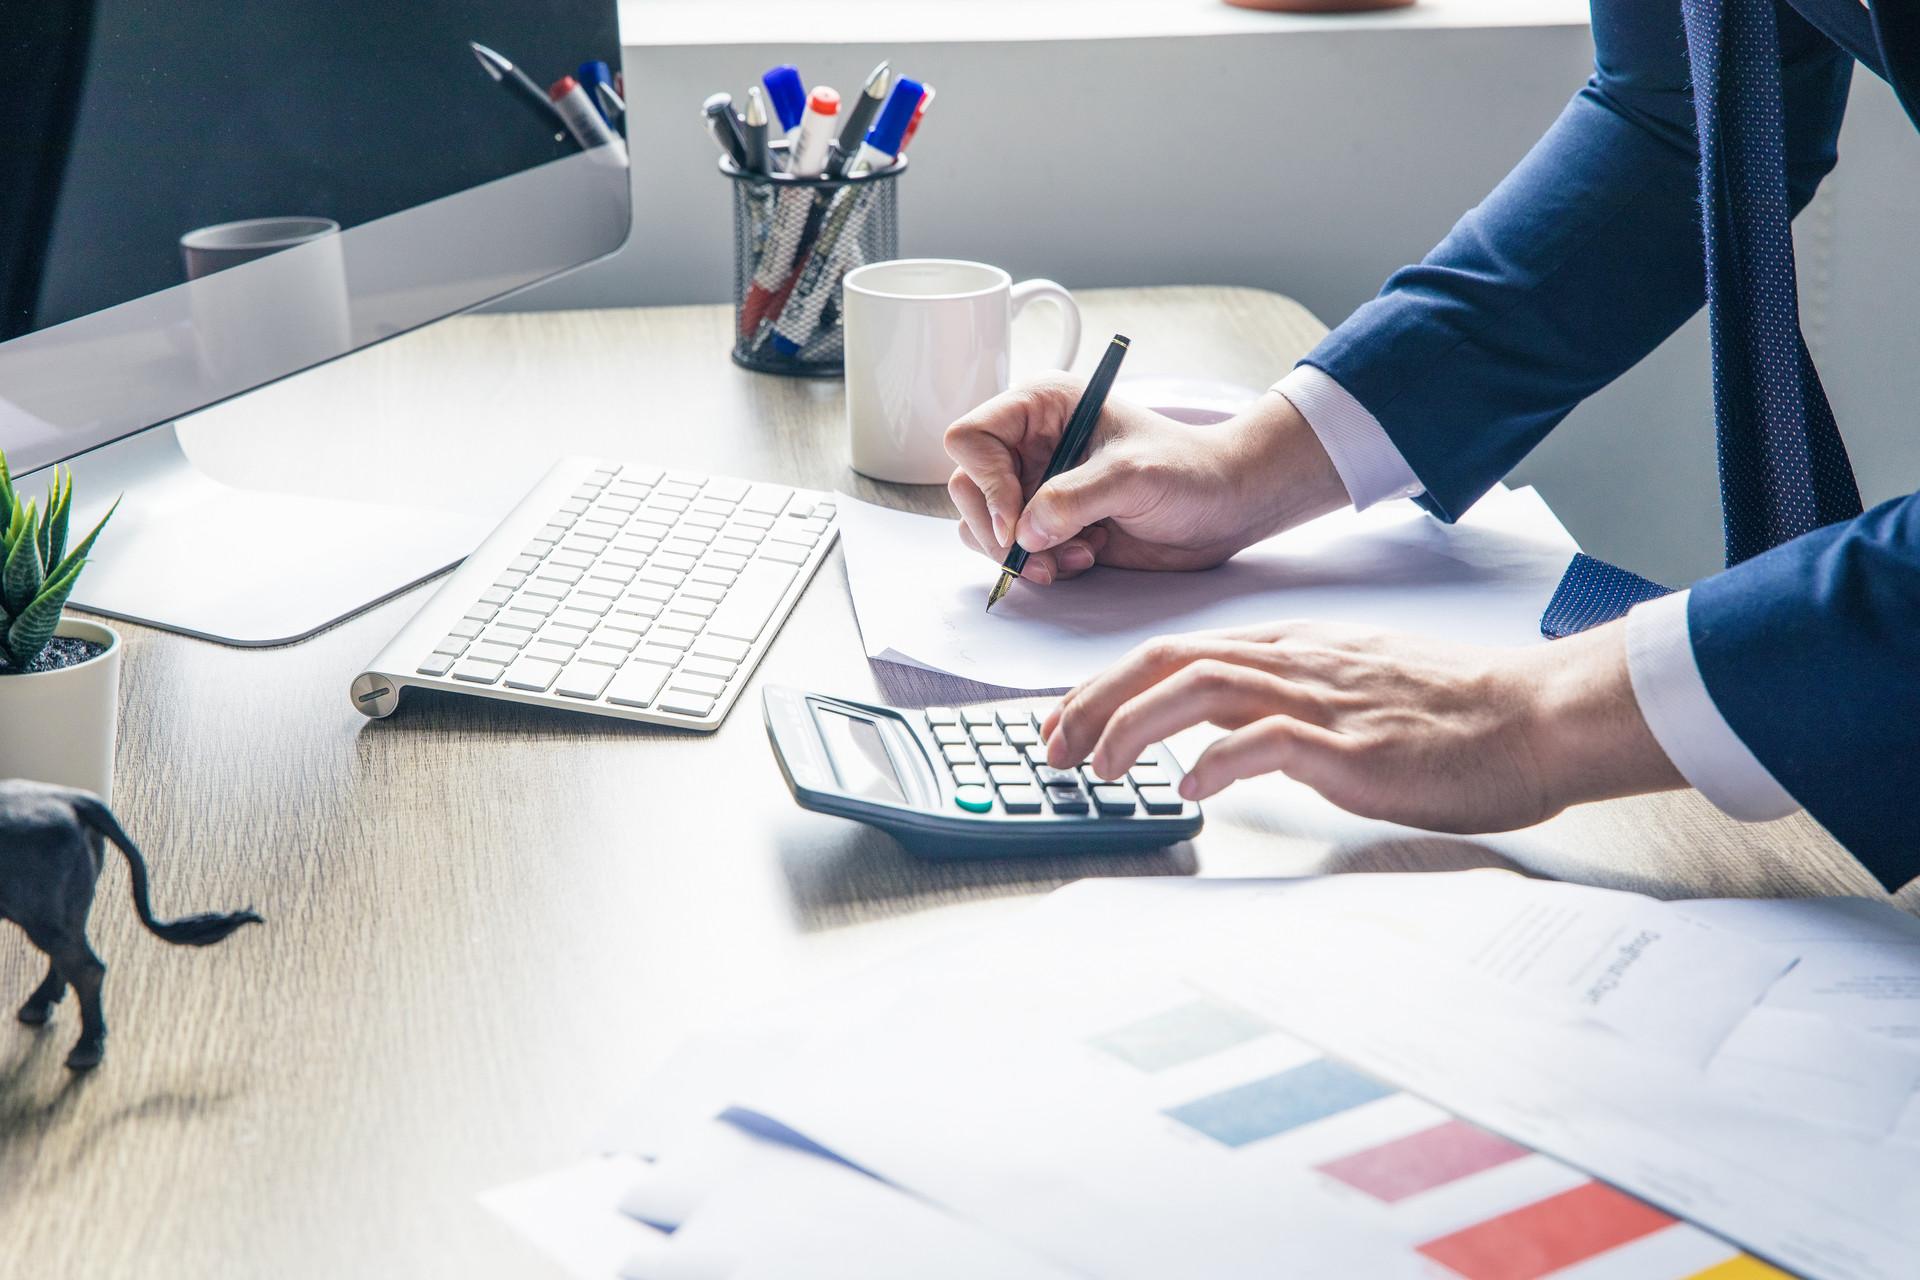 代发薪资找客户的技巧有哪些?